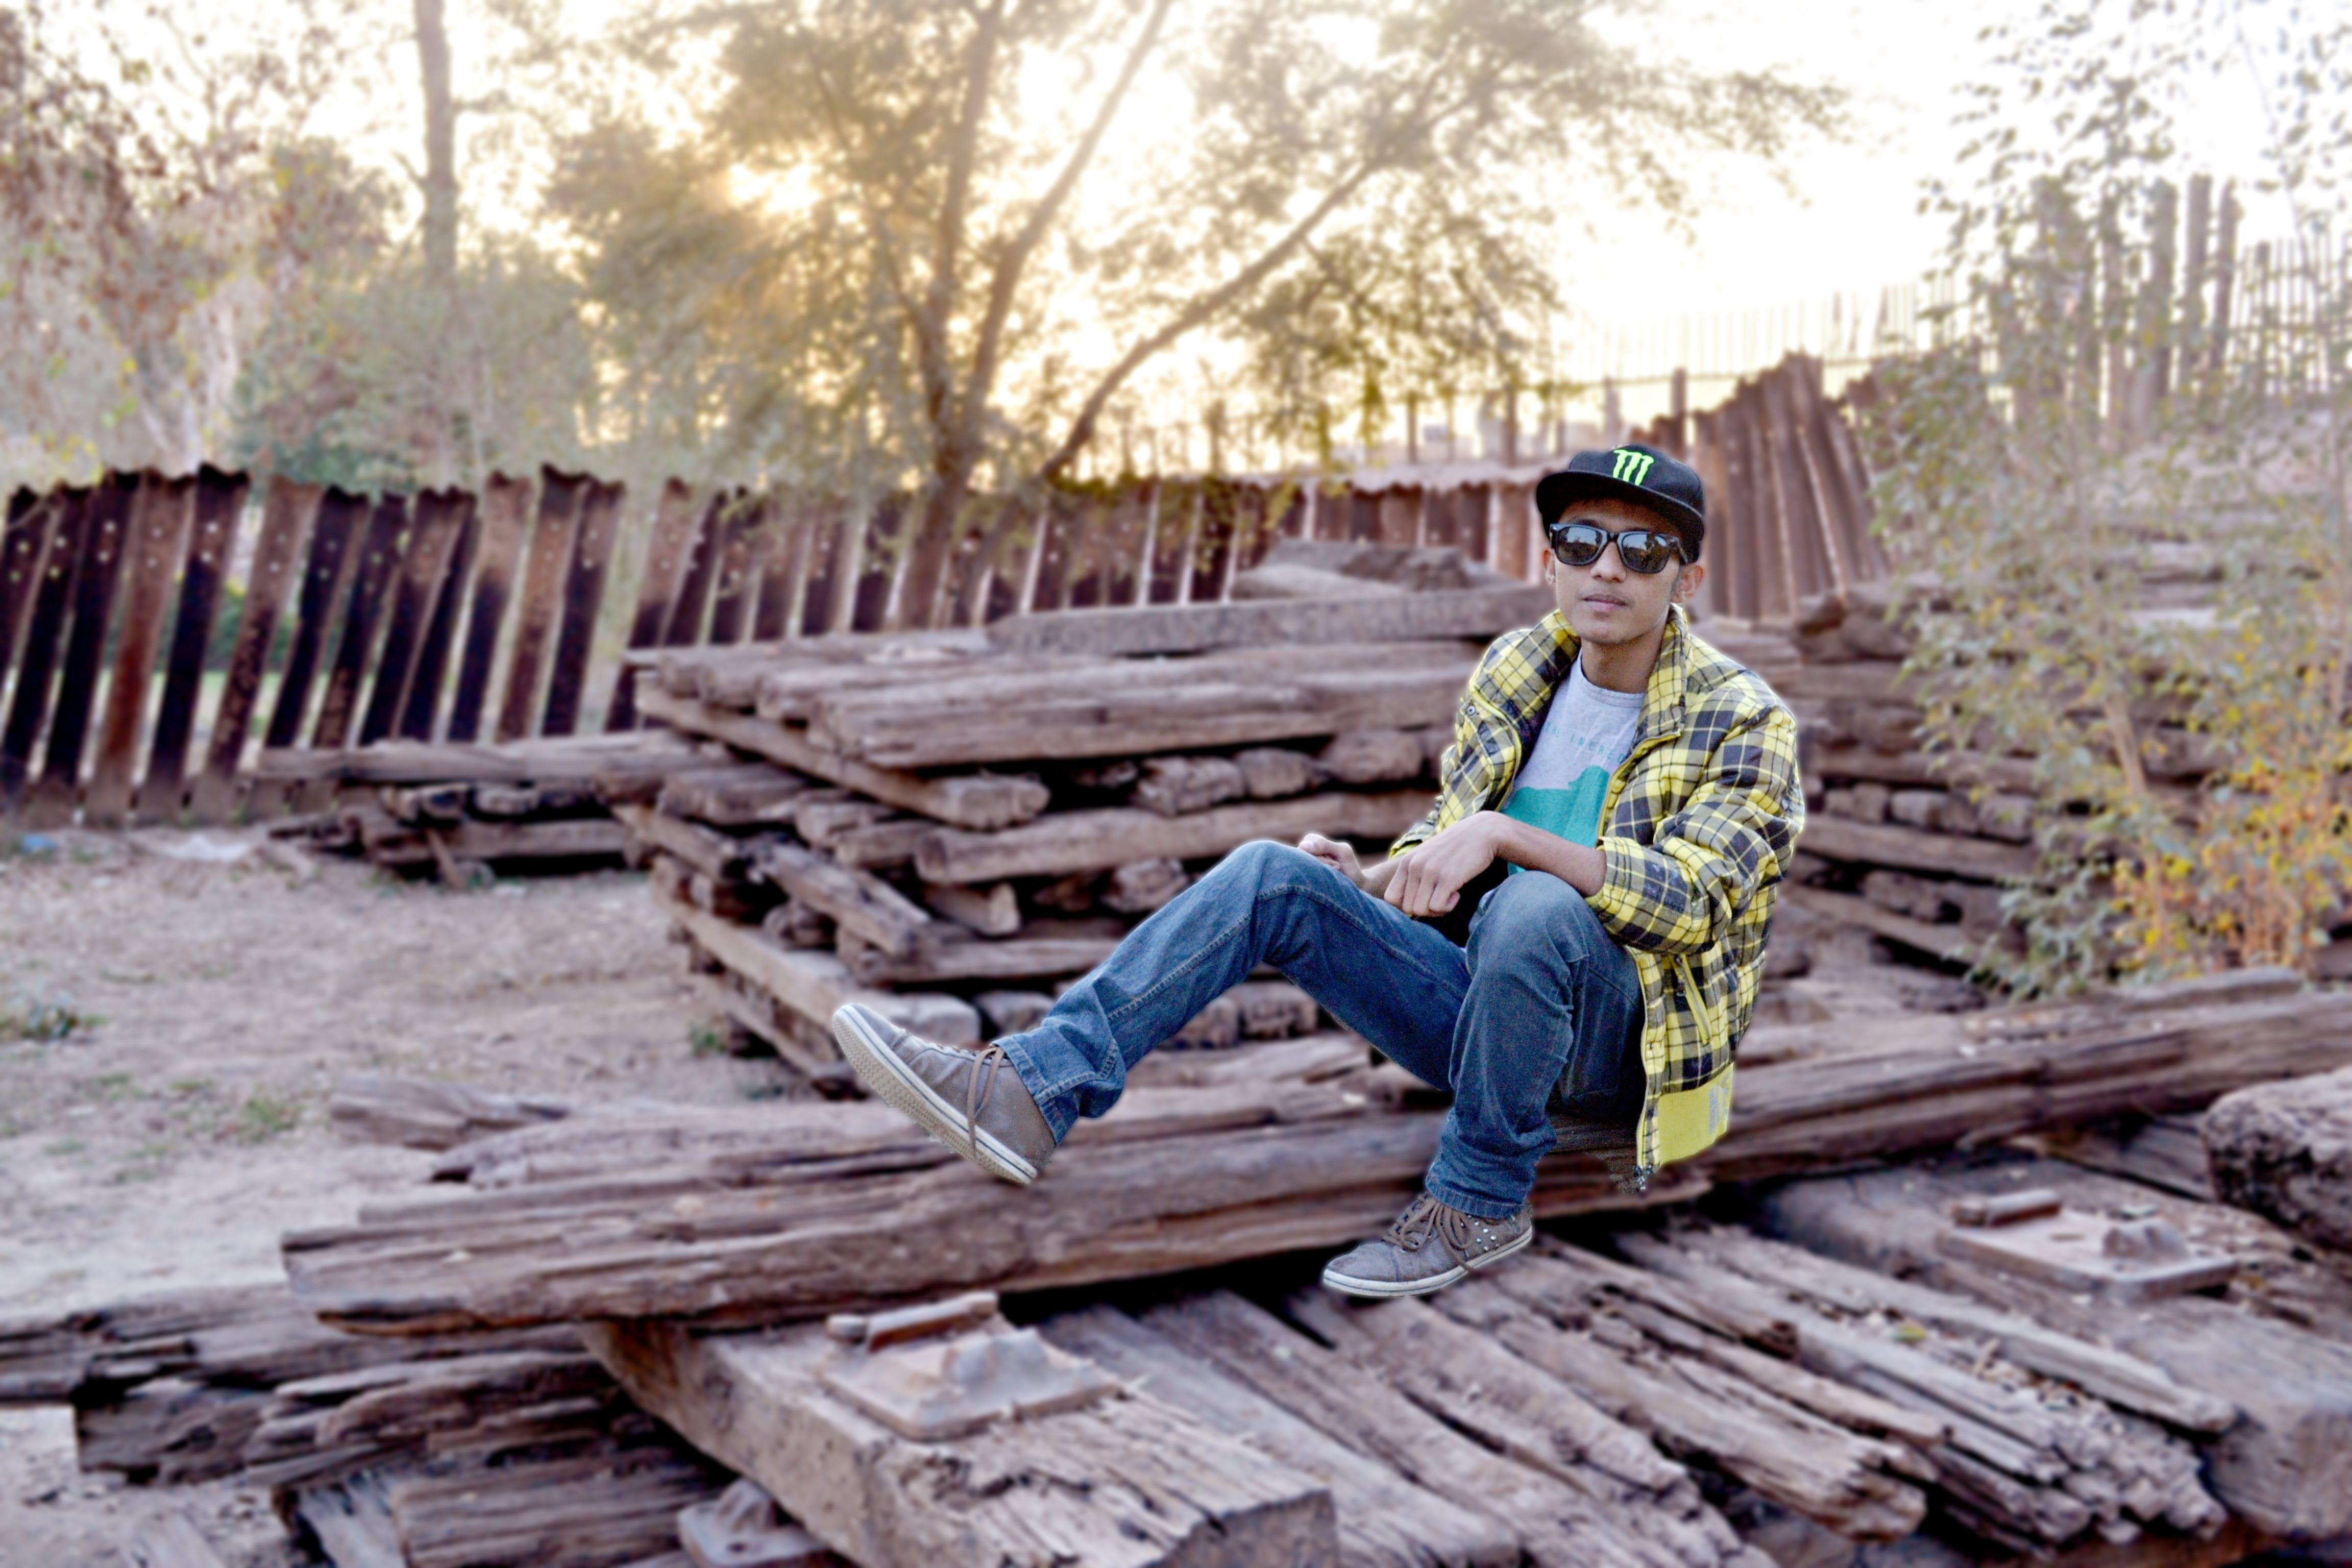 Ảnh lưu trữ miễn phí về cây, chặt đốn thành từng khúc, gỗ, môi trường